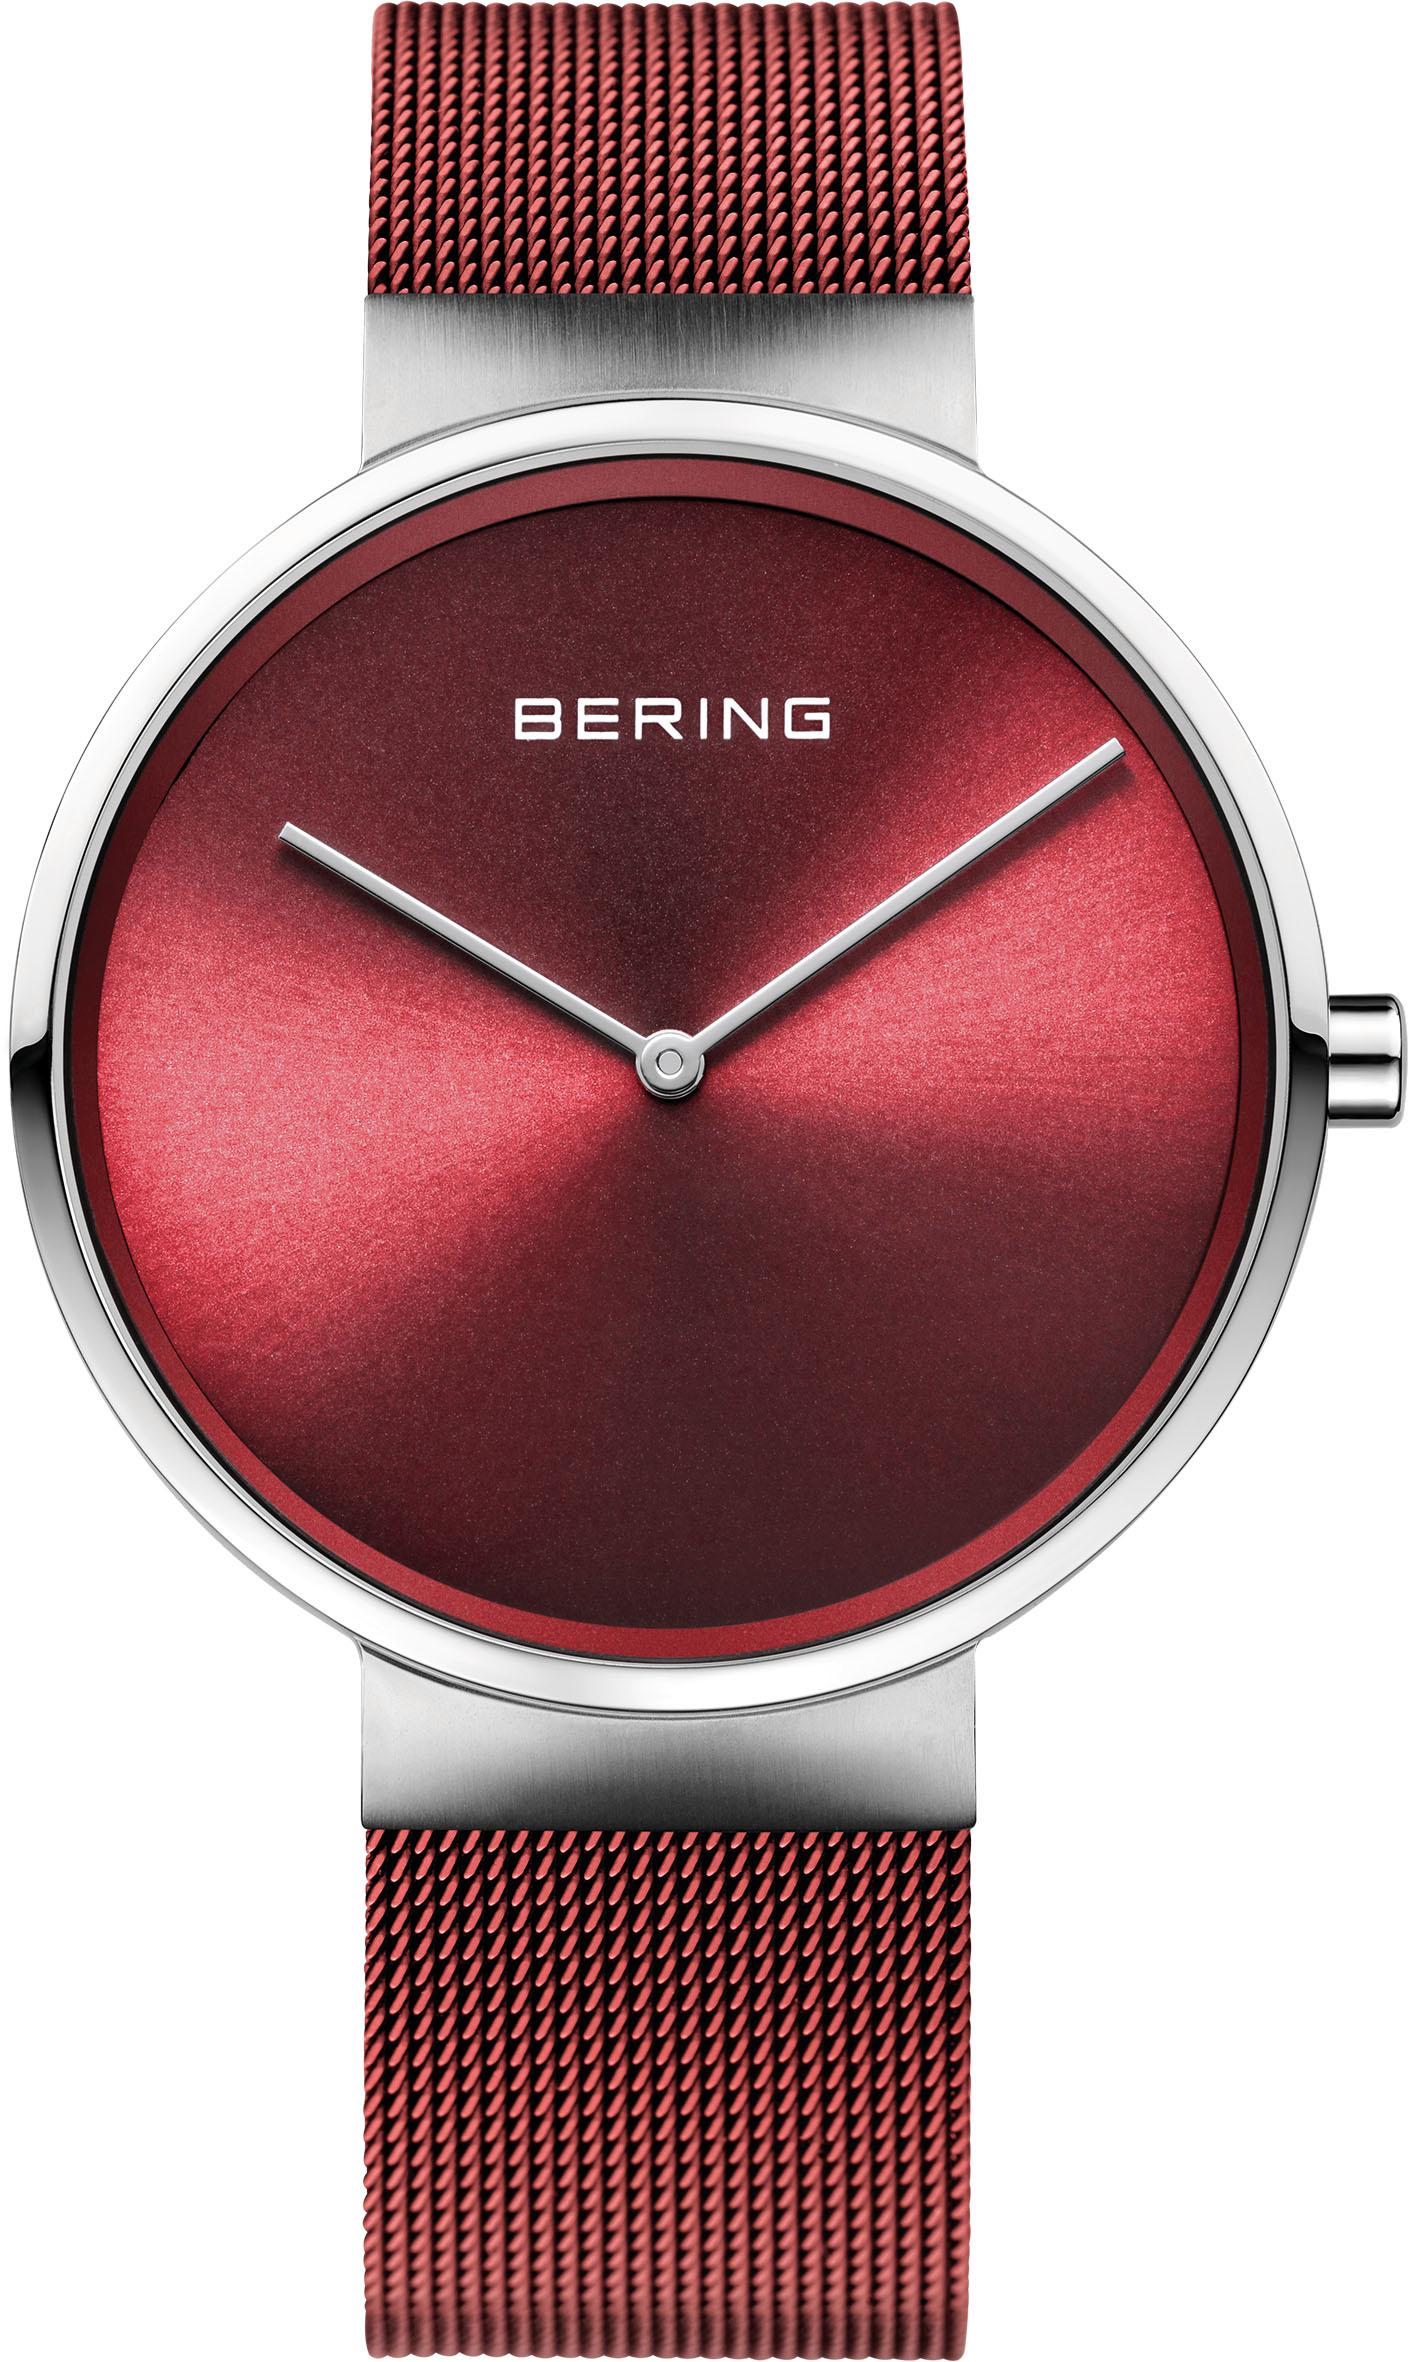 Bering Quarzuhr 14539-303 günstig online kaufen